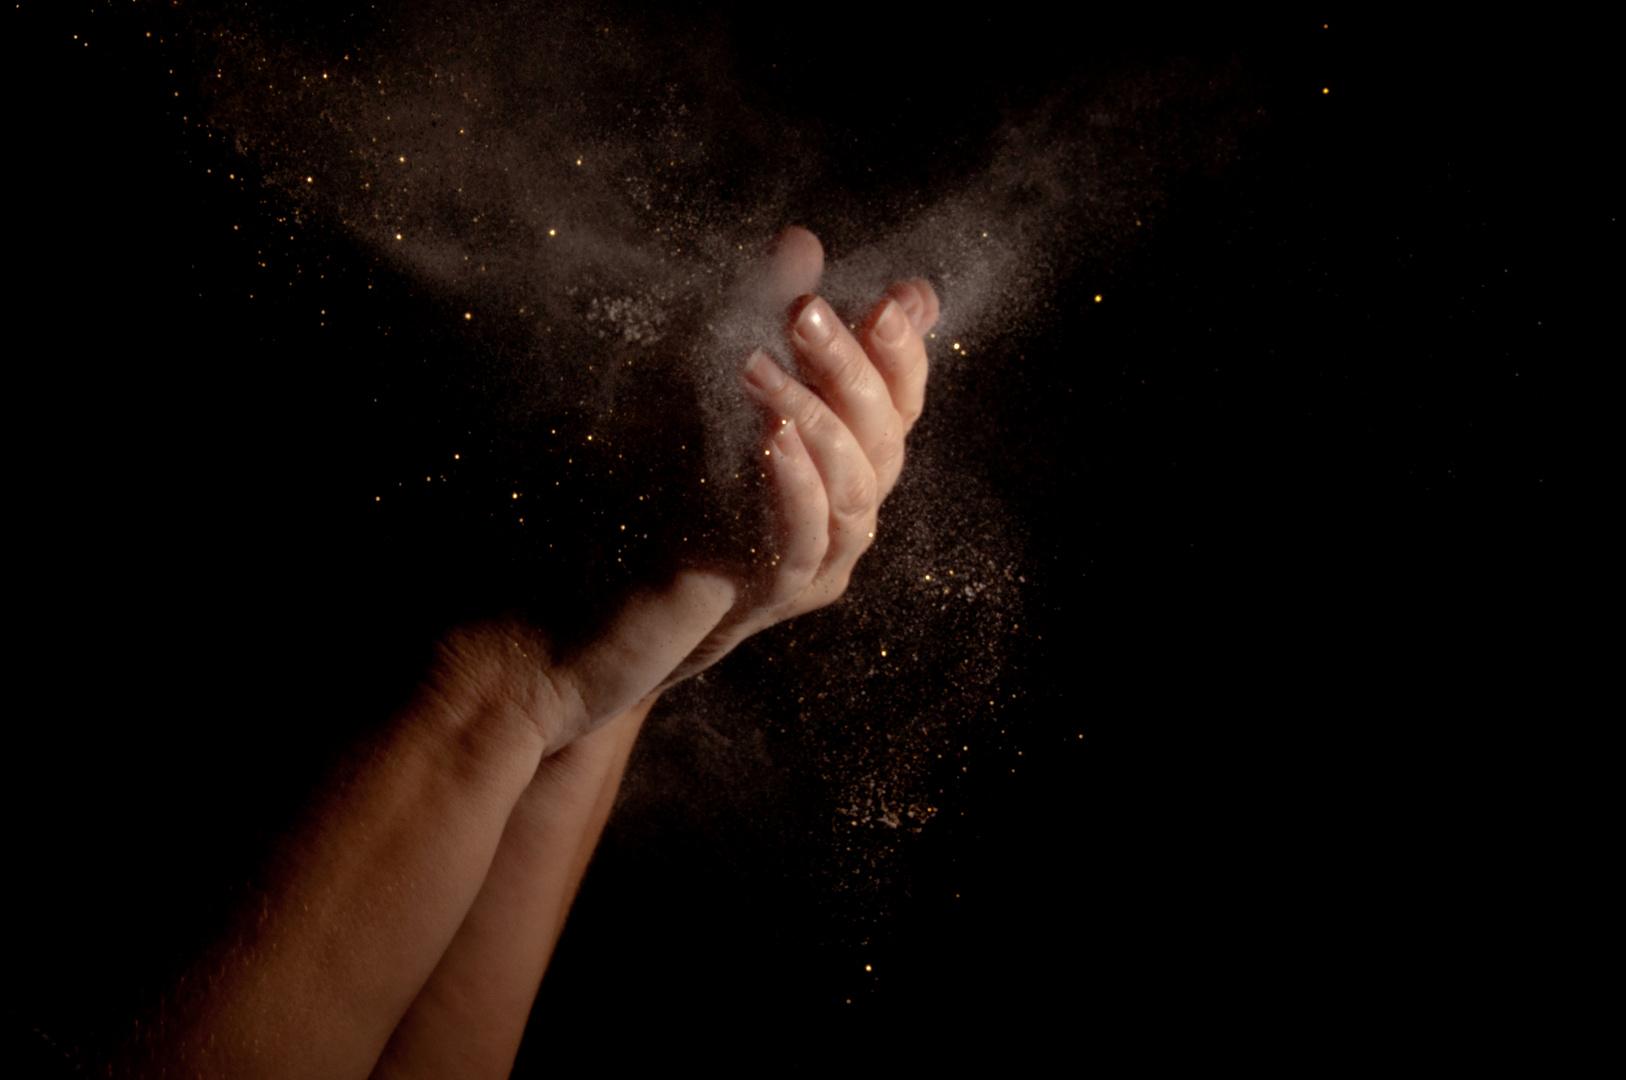 Klatschende Hände